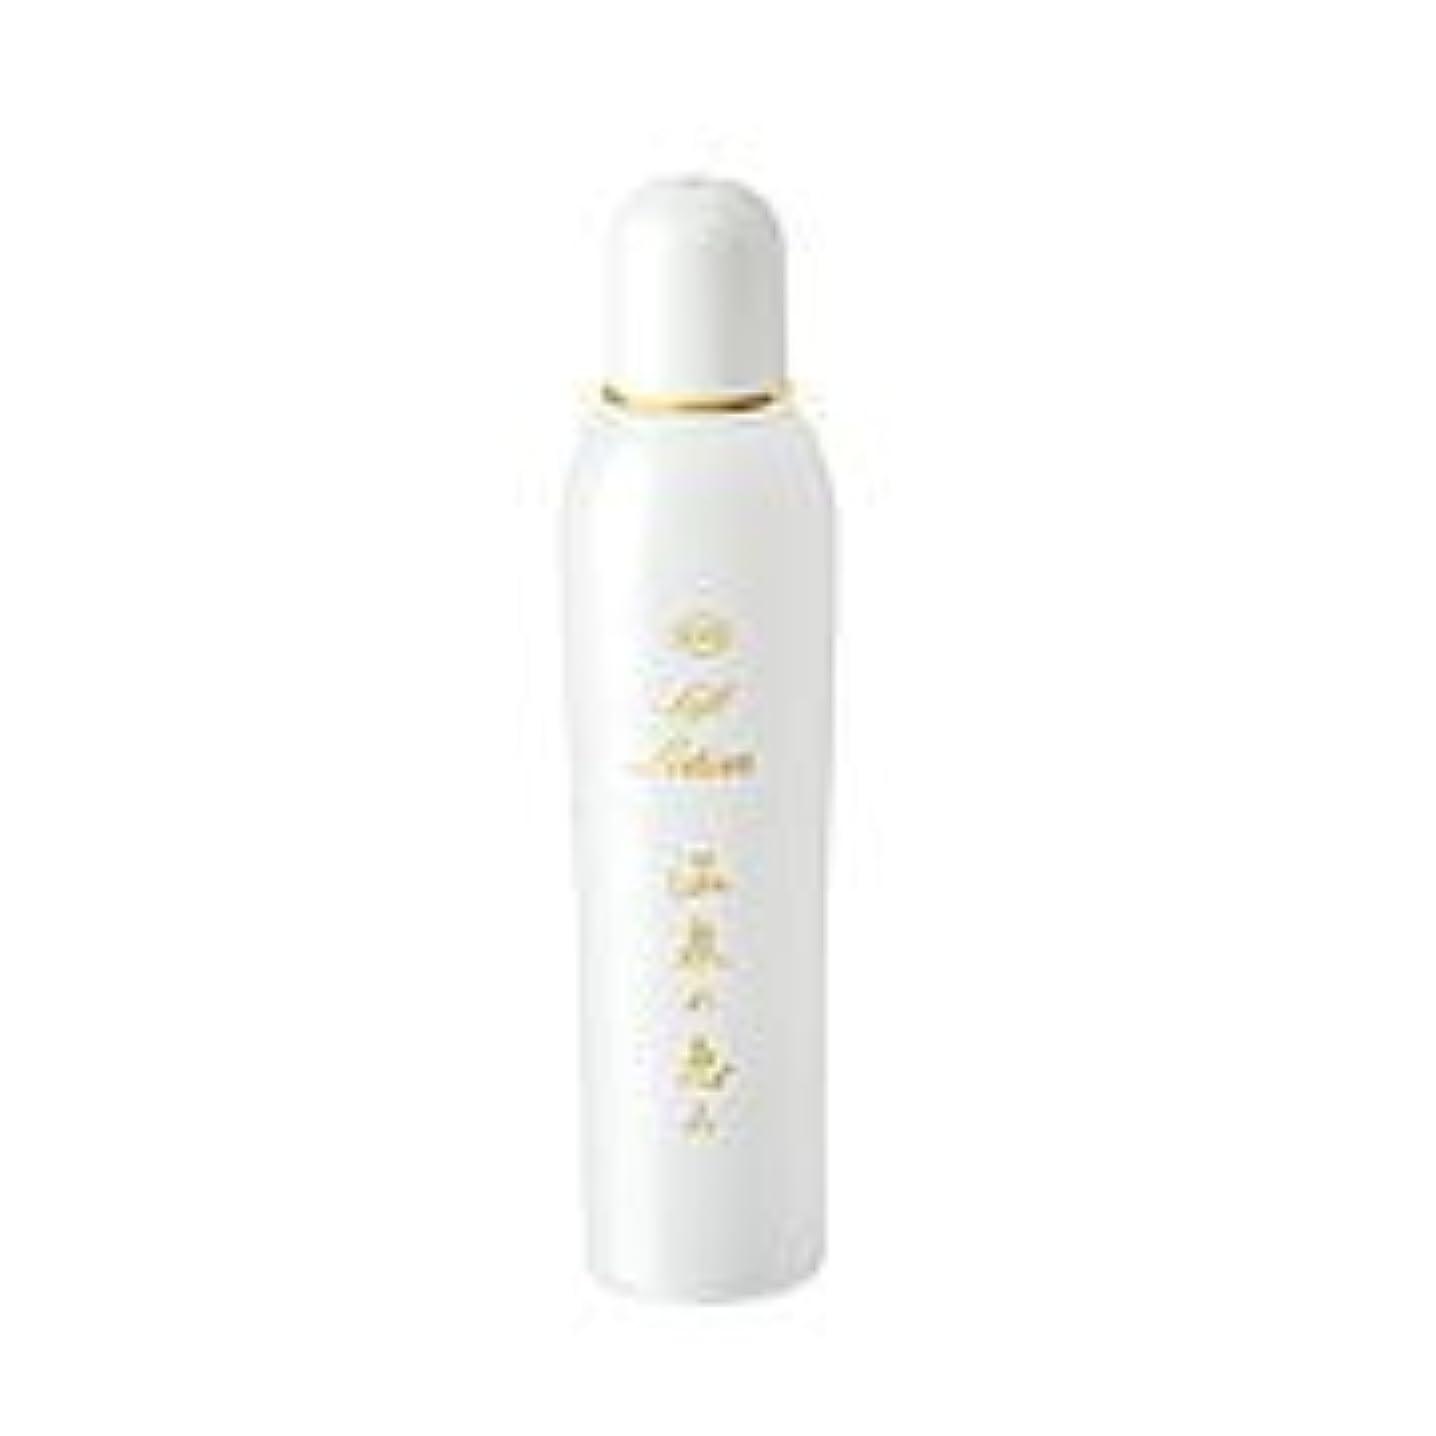 雰囲気神秘的な酸度イオン化粧品 ソフトローション 温泉の恵み 135ml